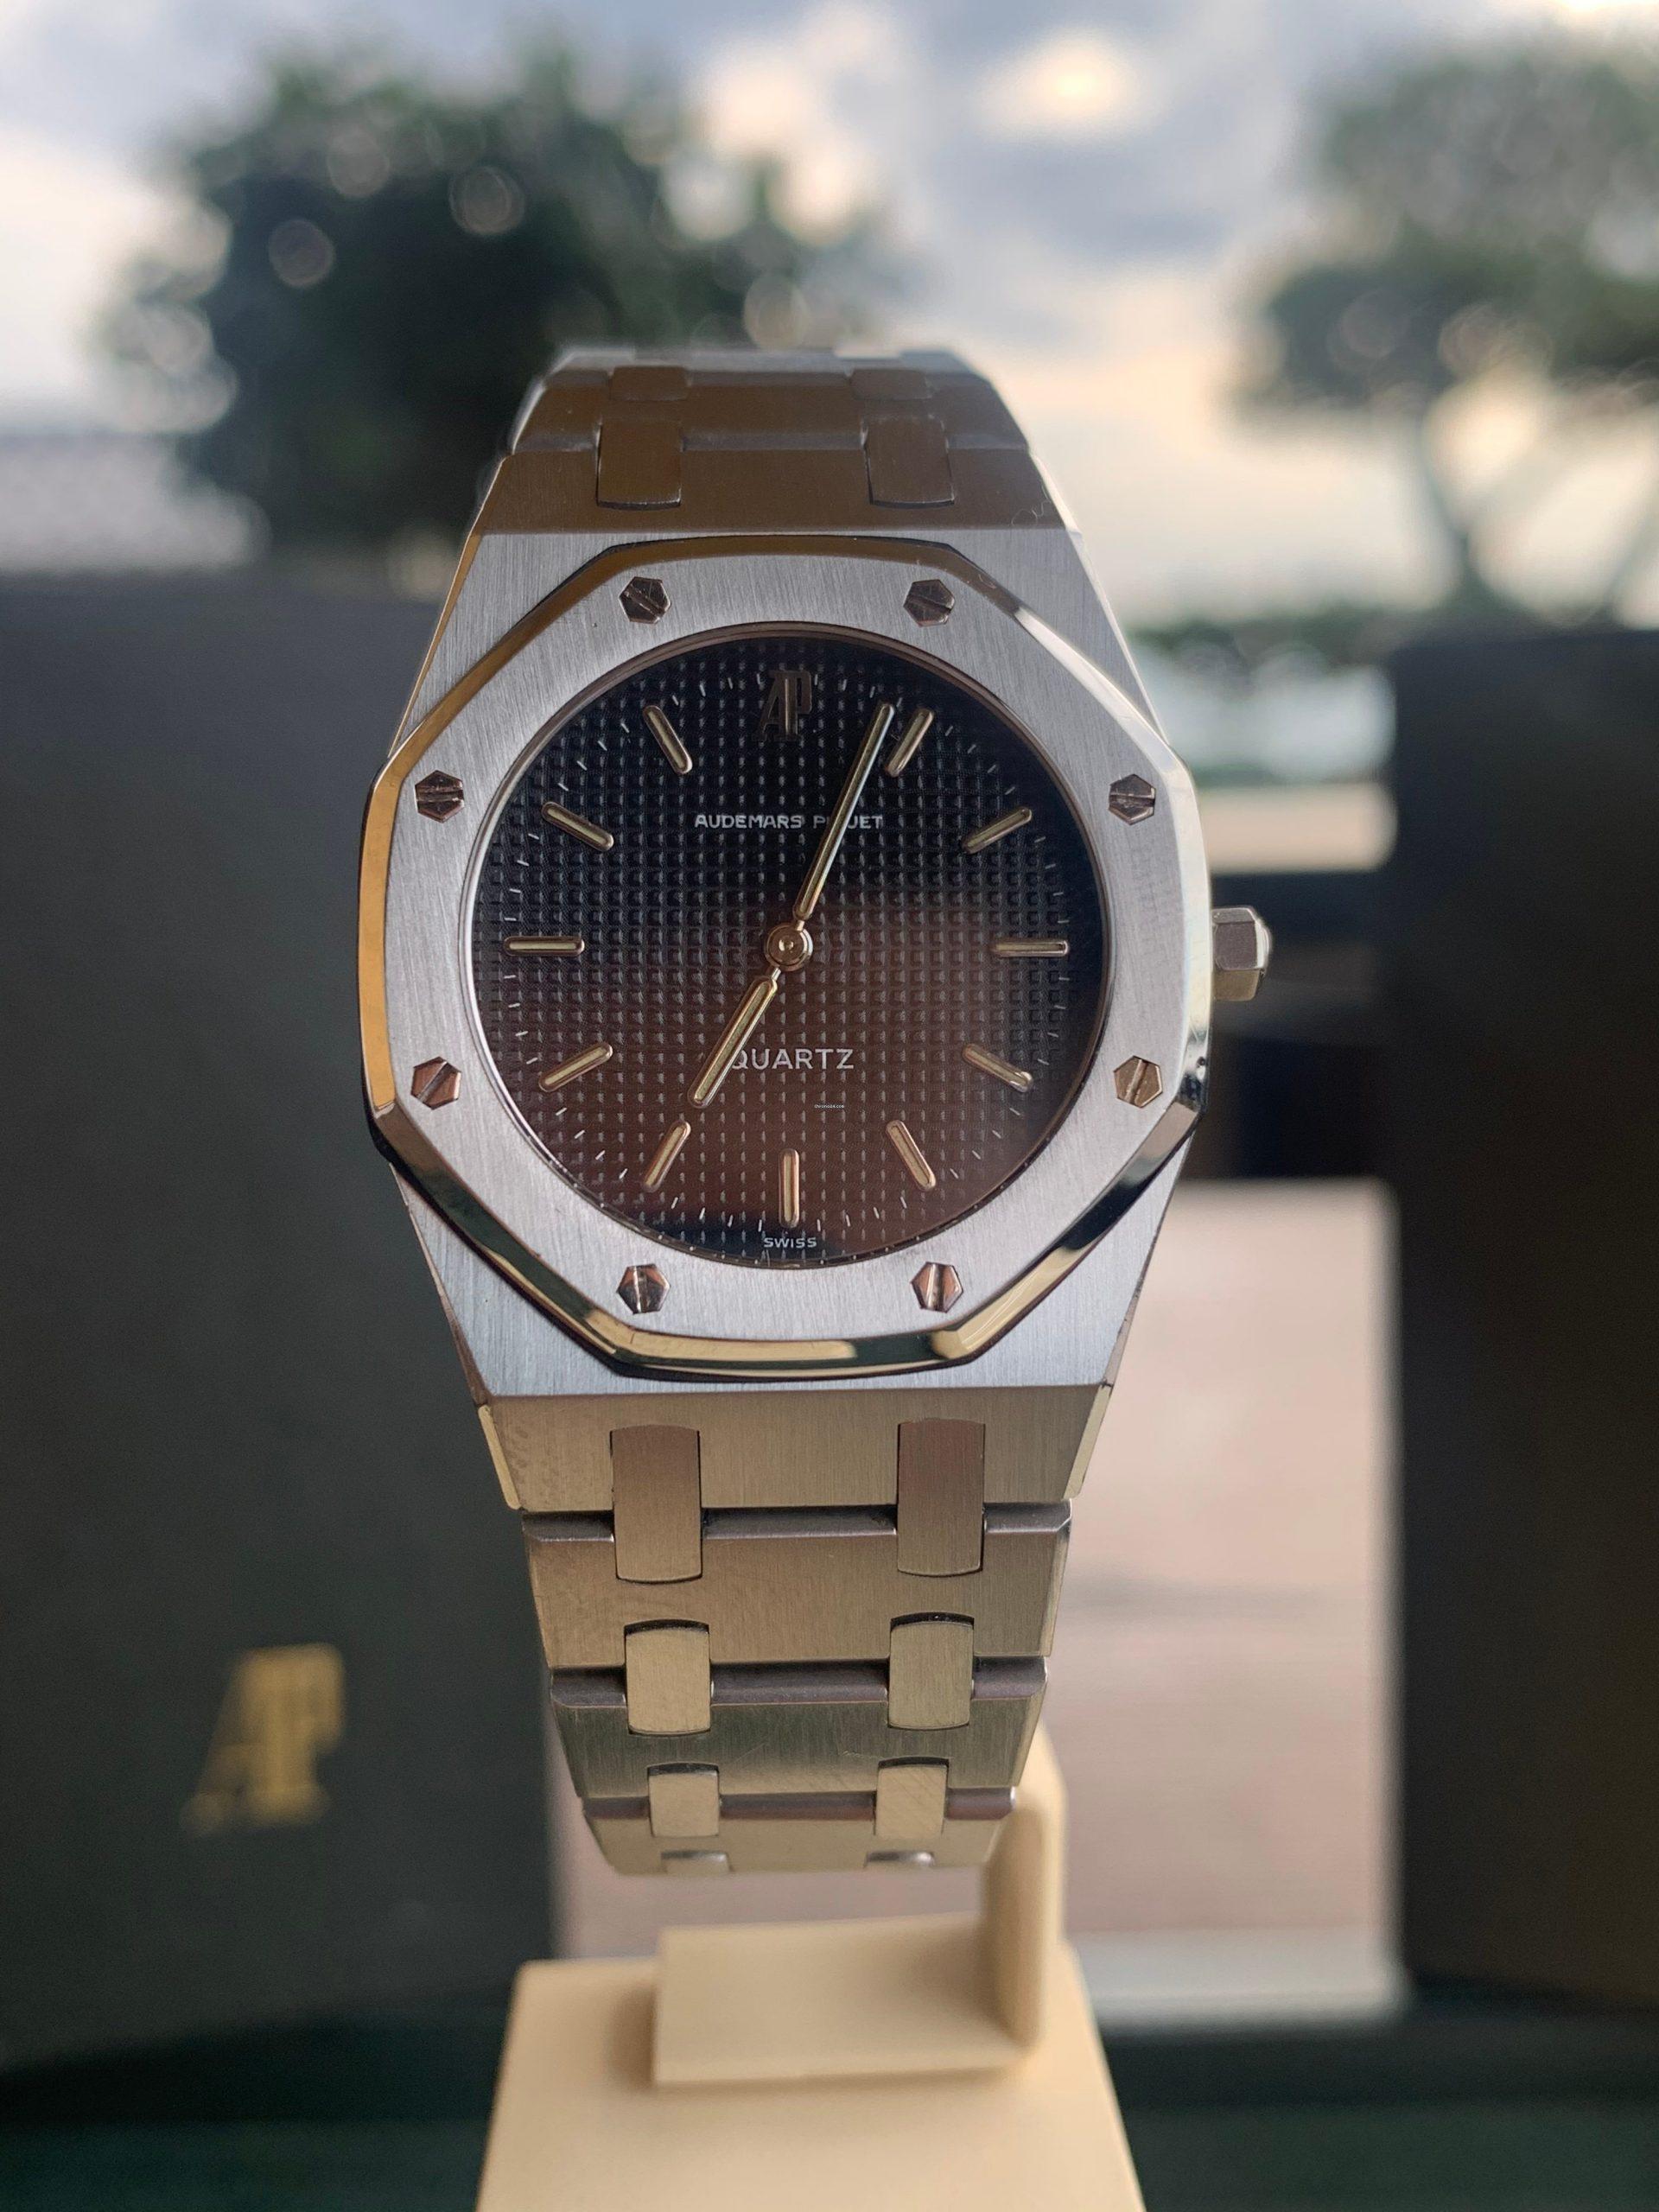 hochwertige gebrauchte Uhren, Luxusuhren, Uhrenhandel online für Luxusuhren